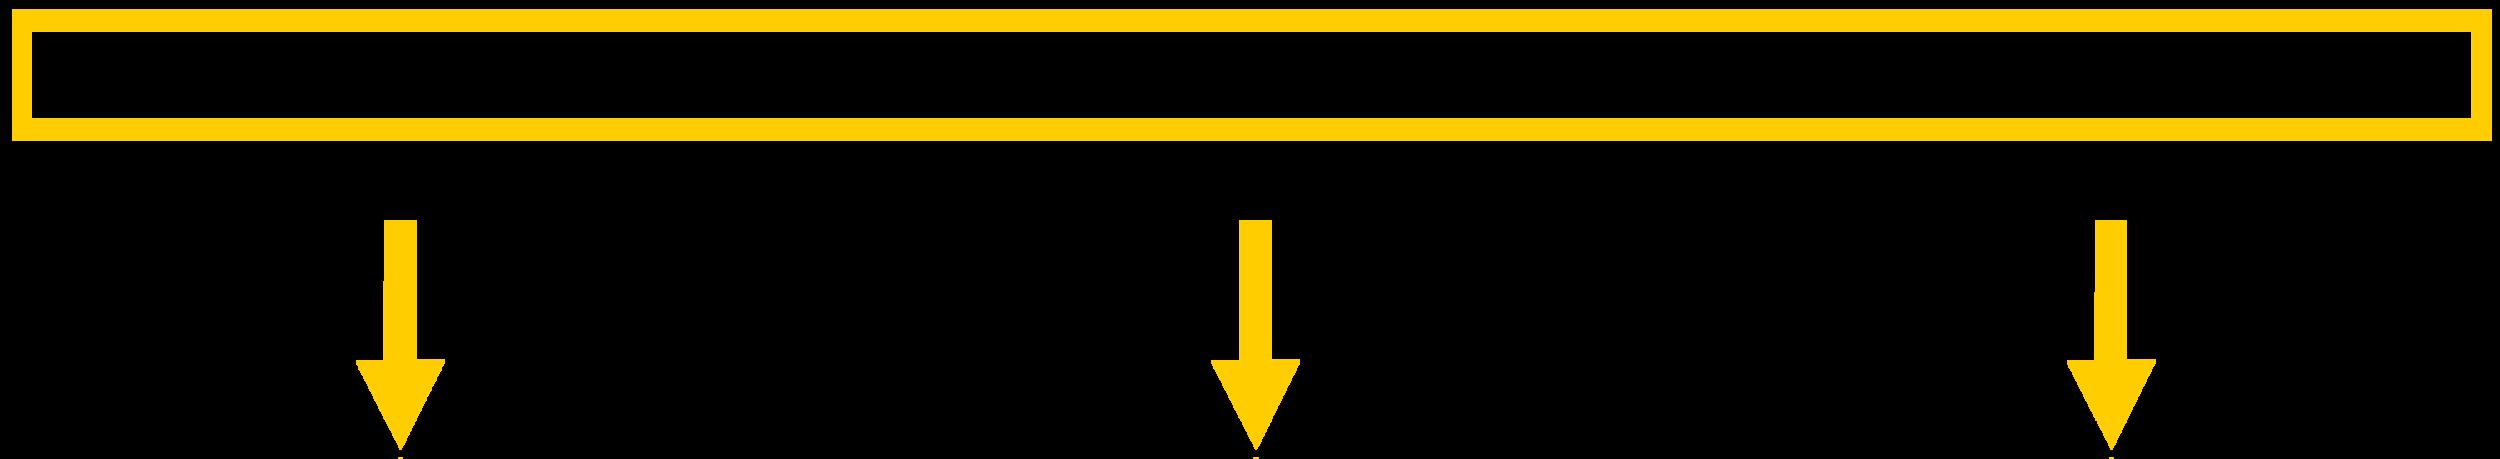 Bloc-fleche-jaune.png